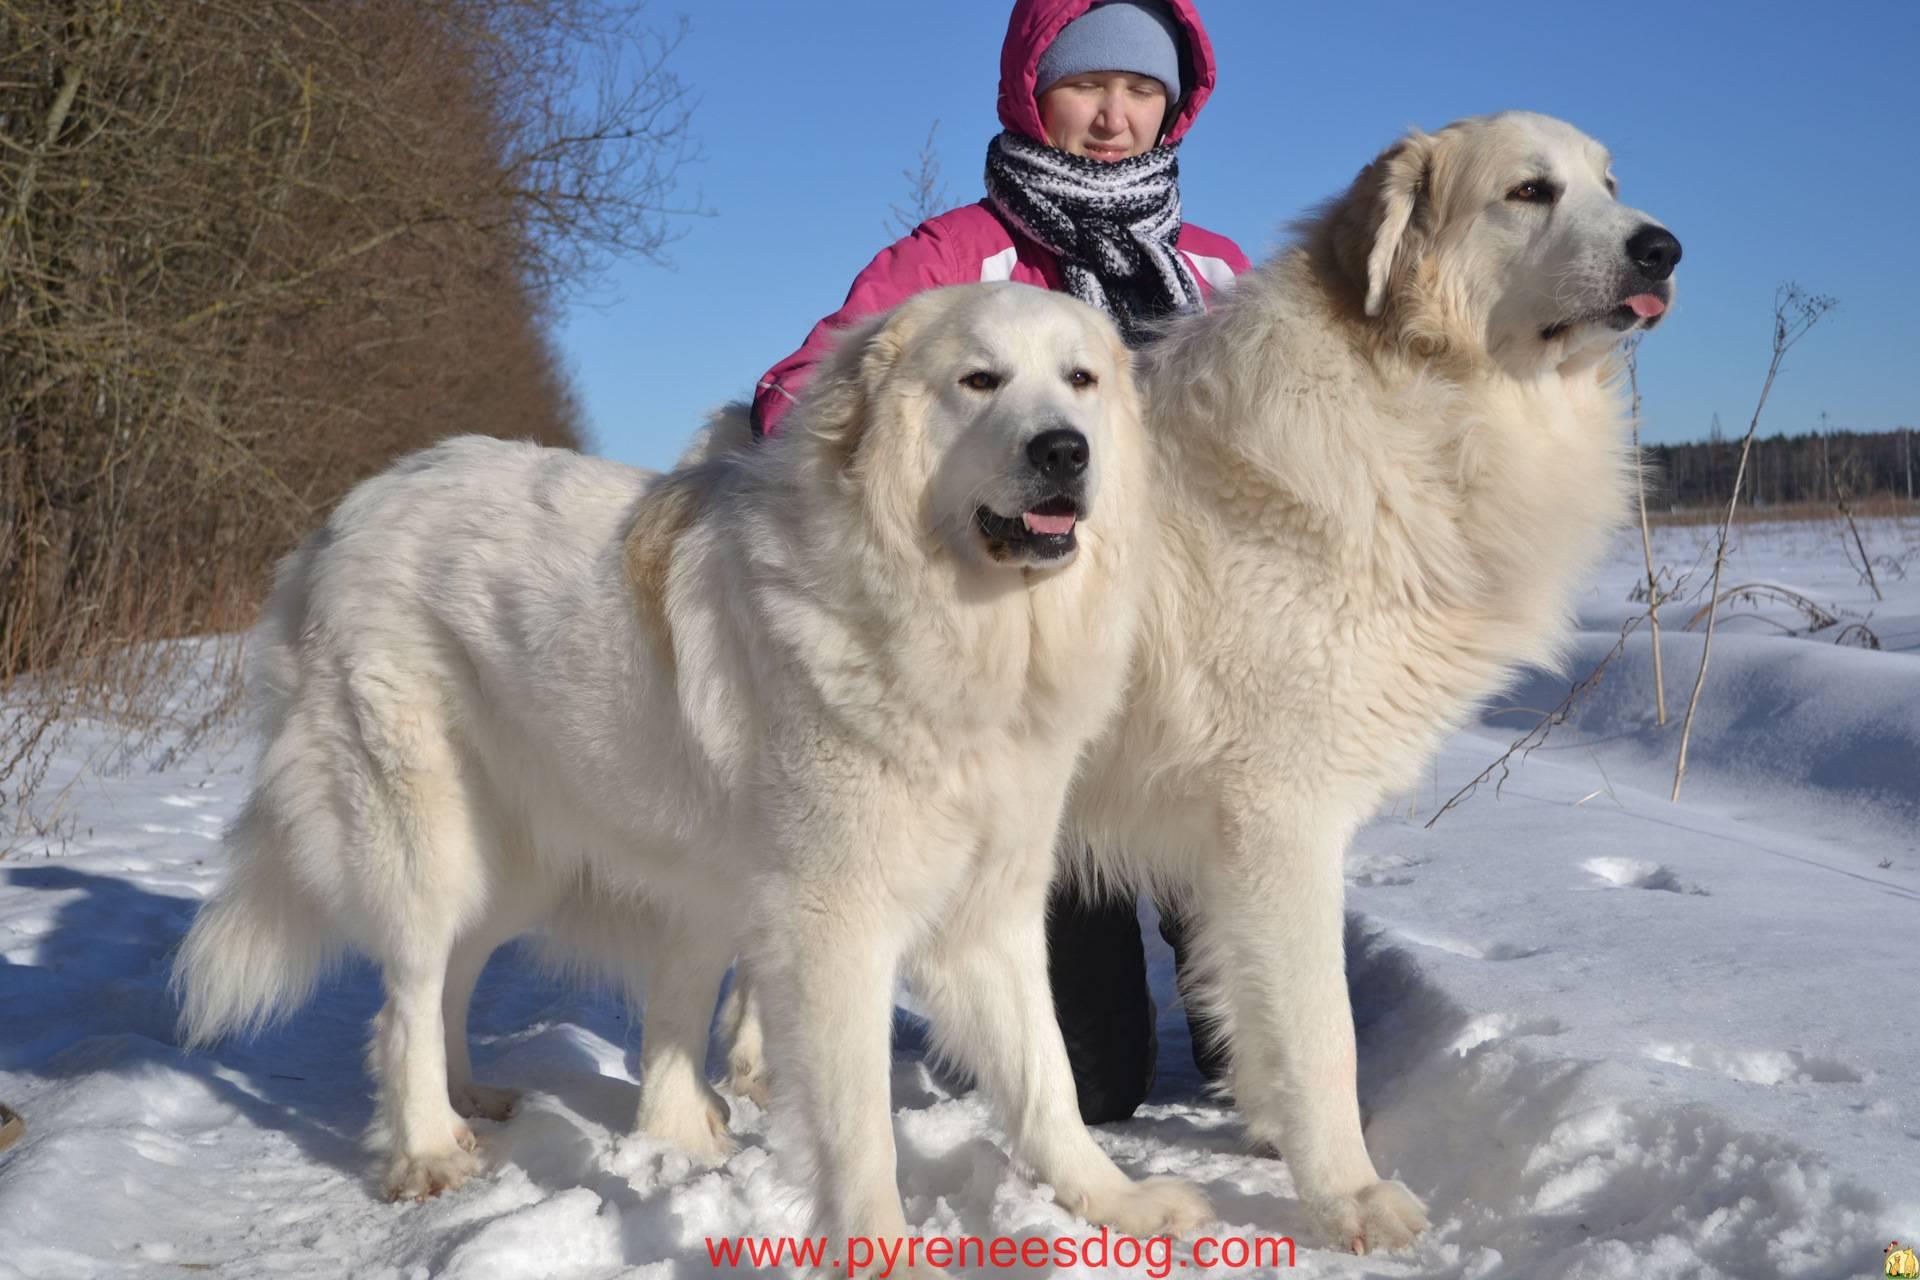 Разновидности алабаев. основные особенности туркменской, сибирской, тибетской и других азиатских овчарок